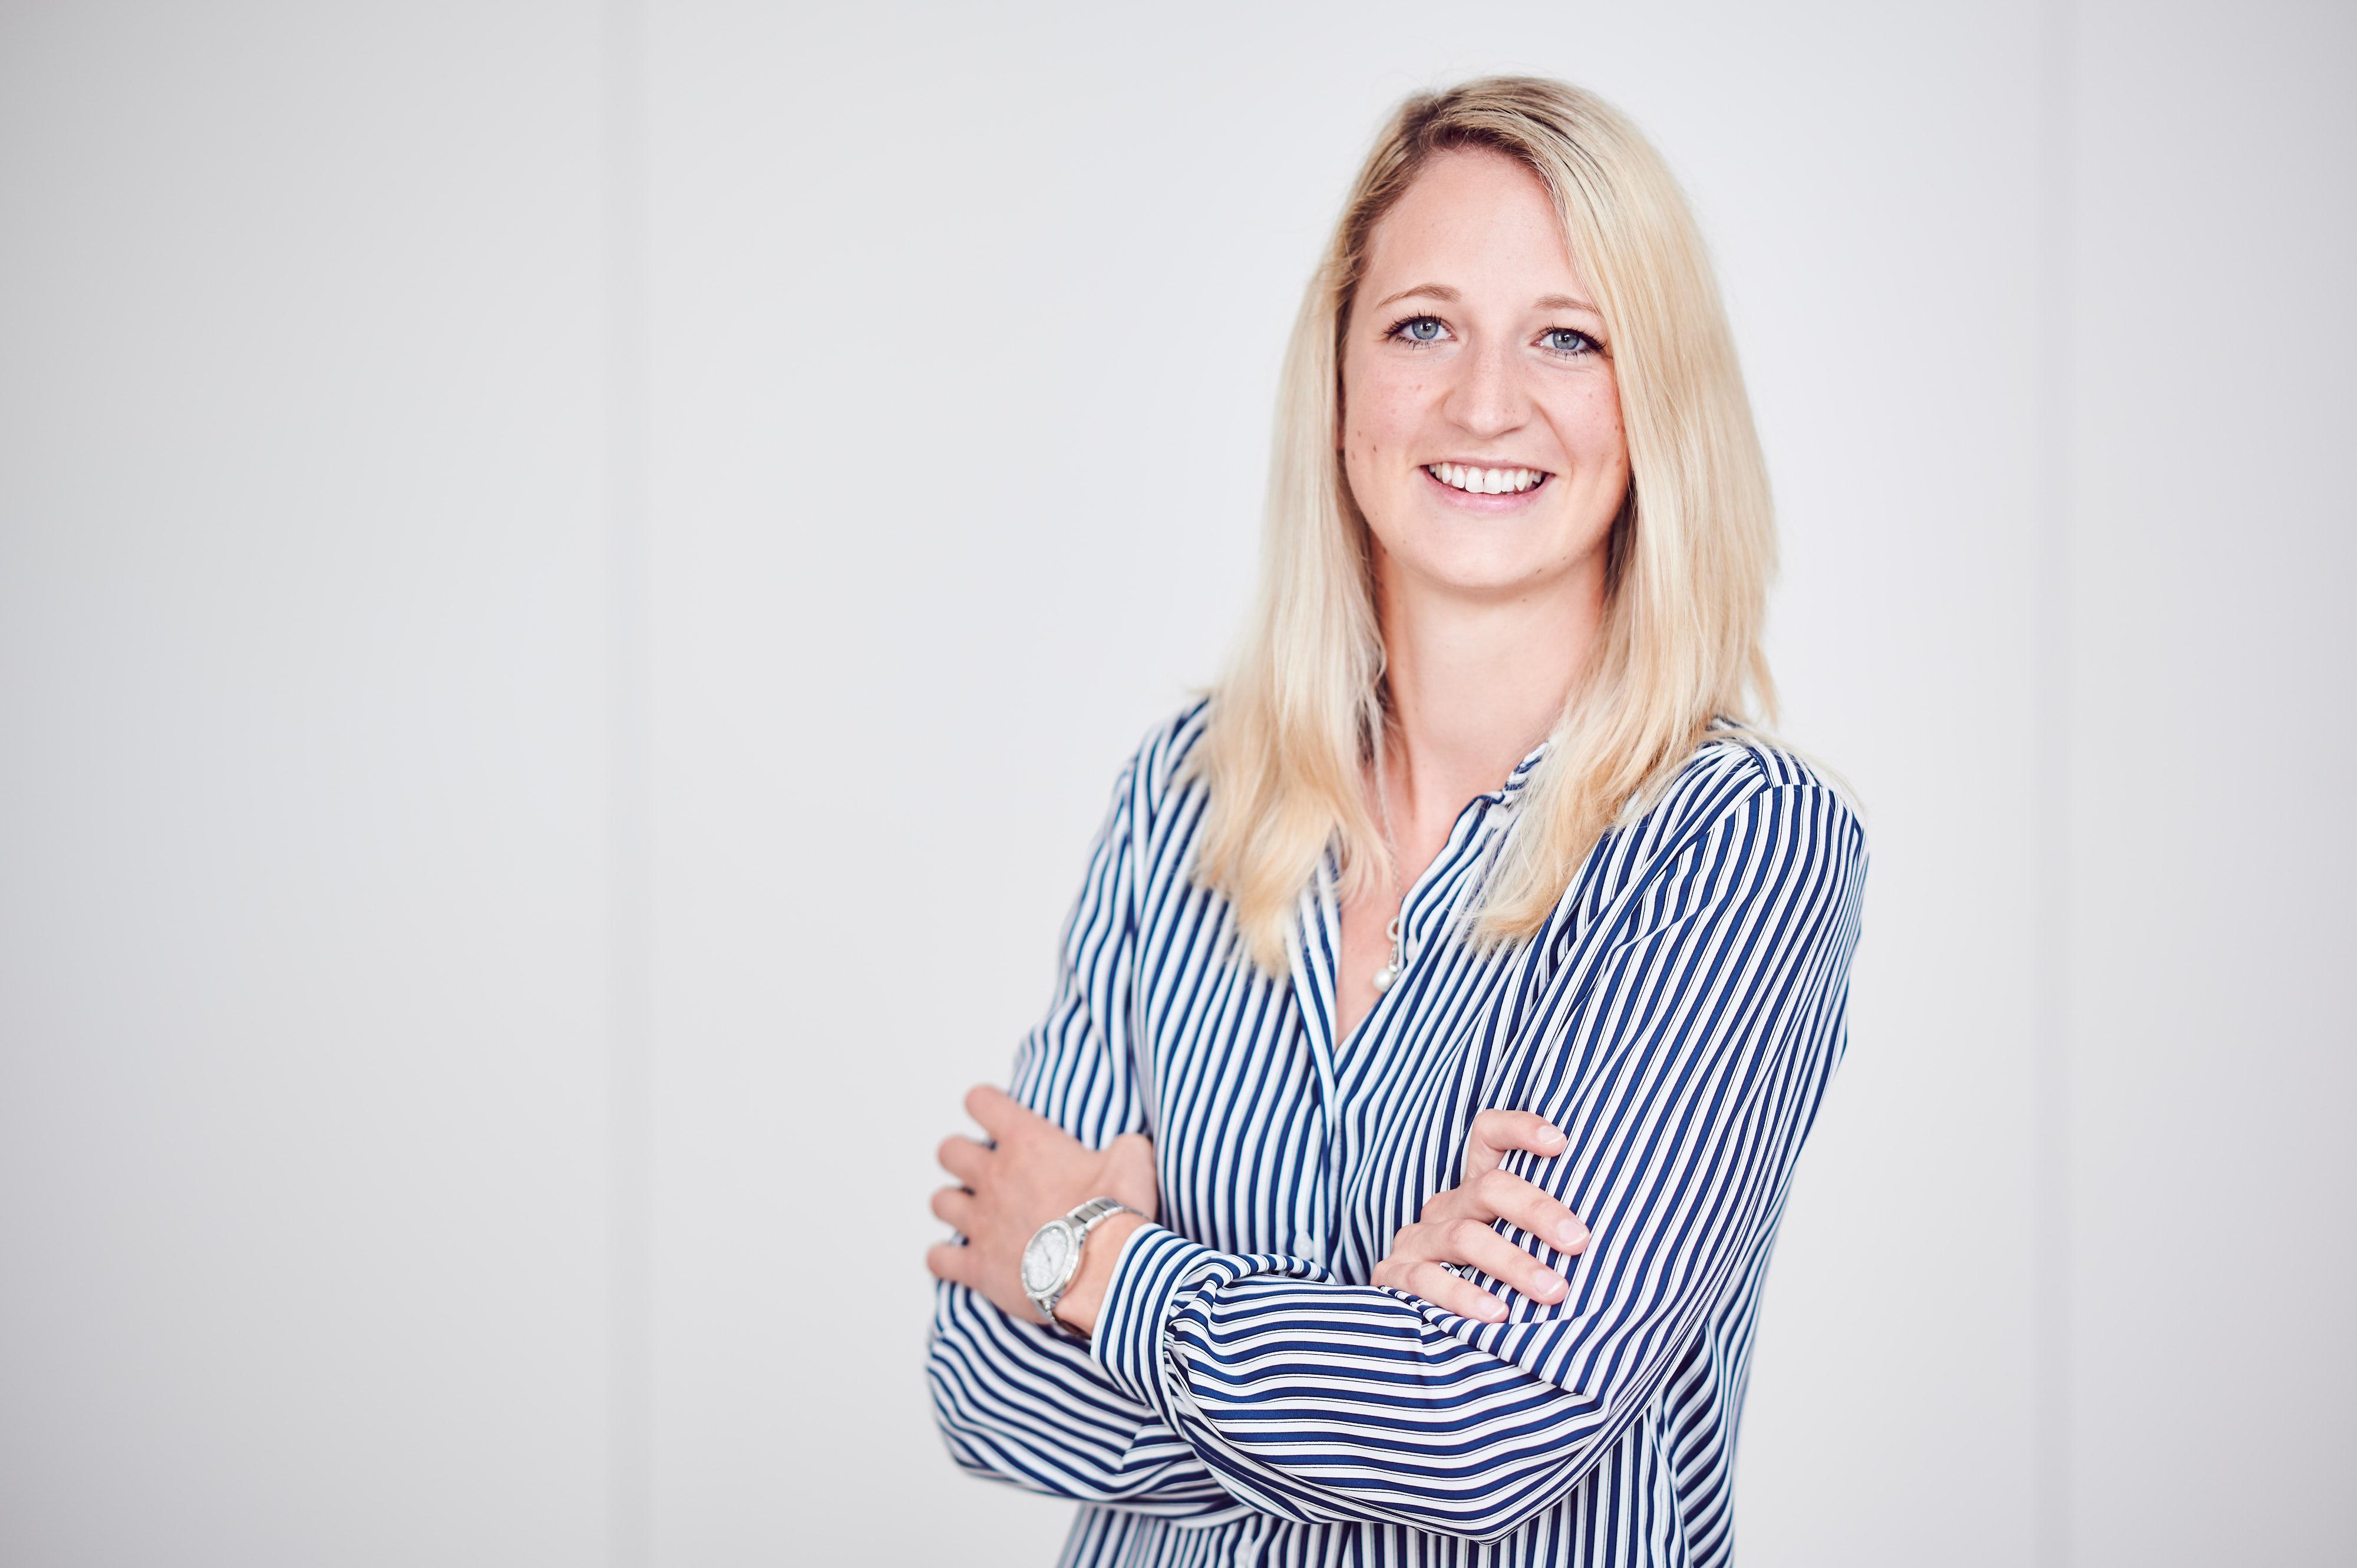 Nicole Kasper, B.A.